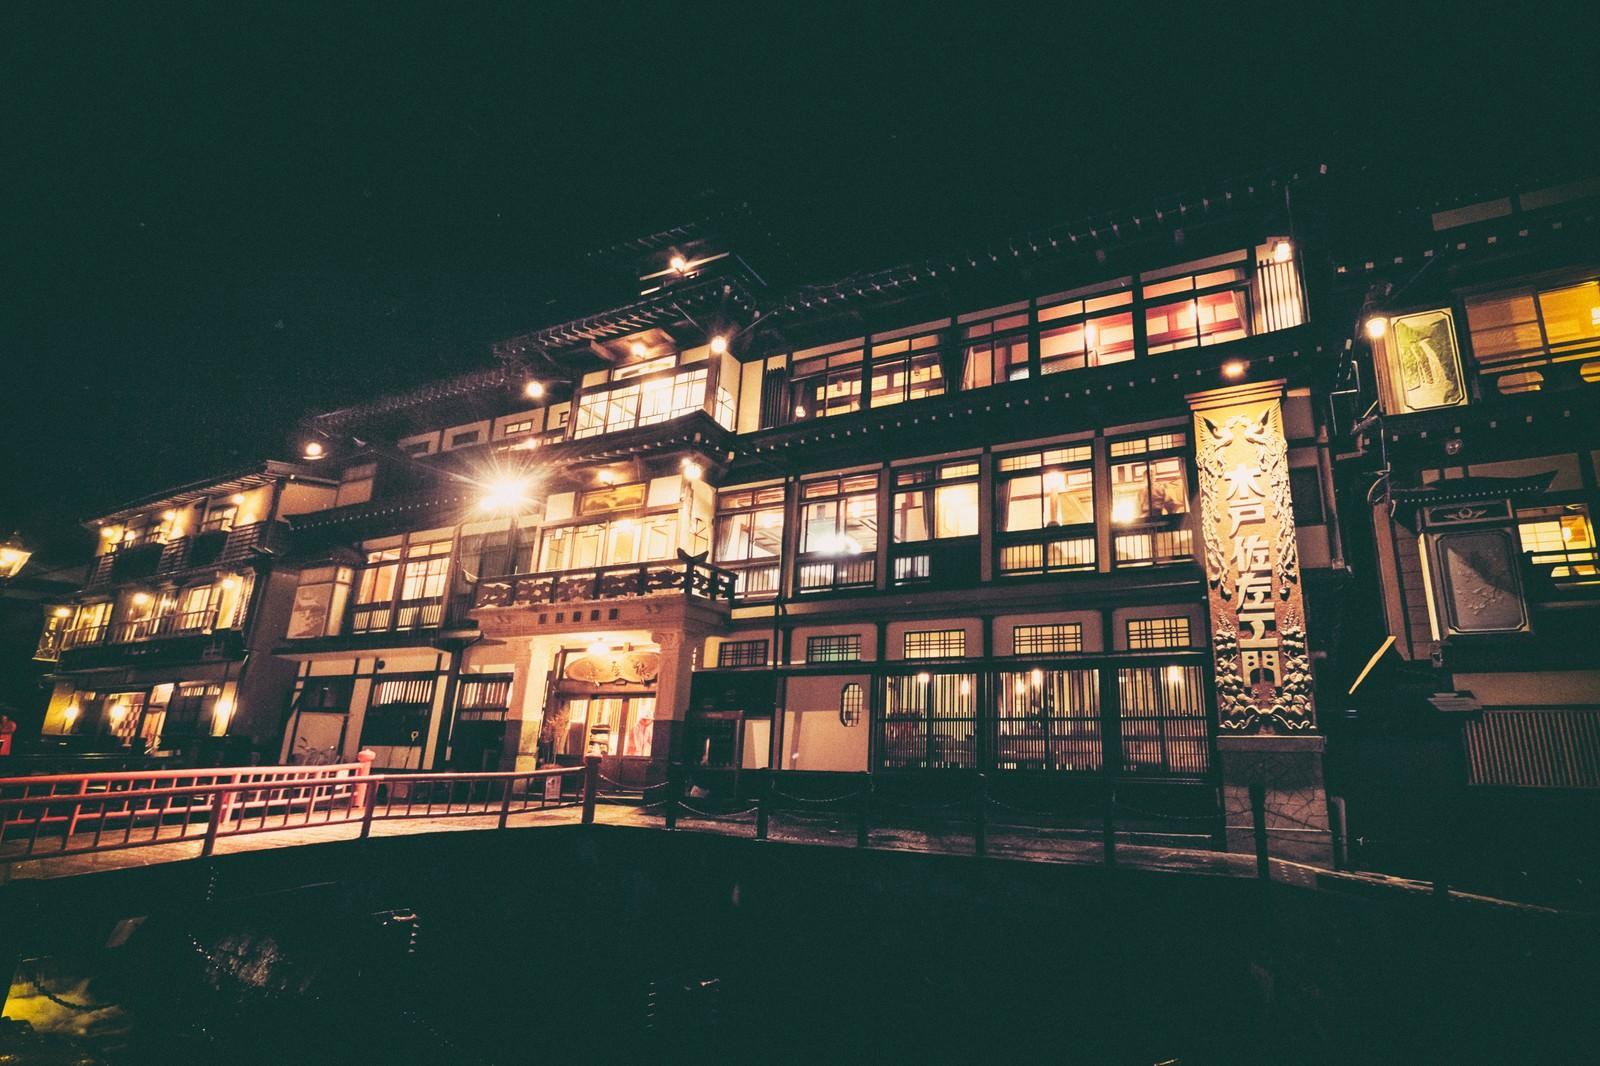 「大正ロマン漂う銀山温泉の旅館(夜景)」の写真